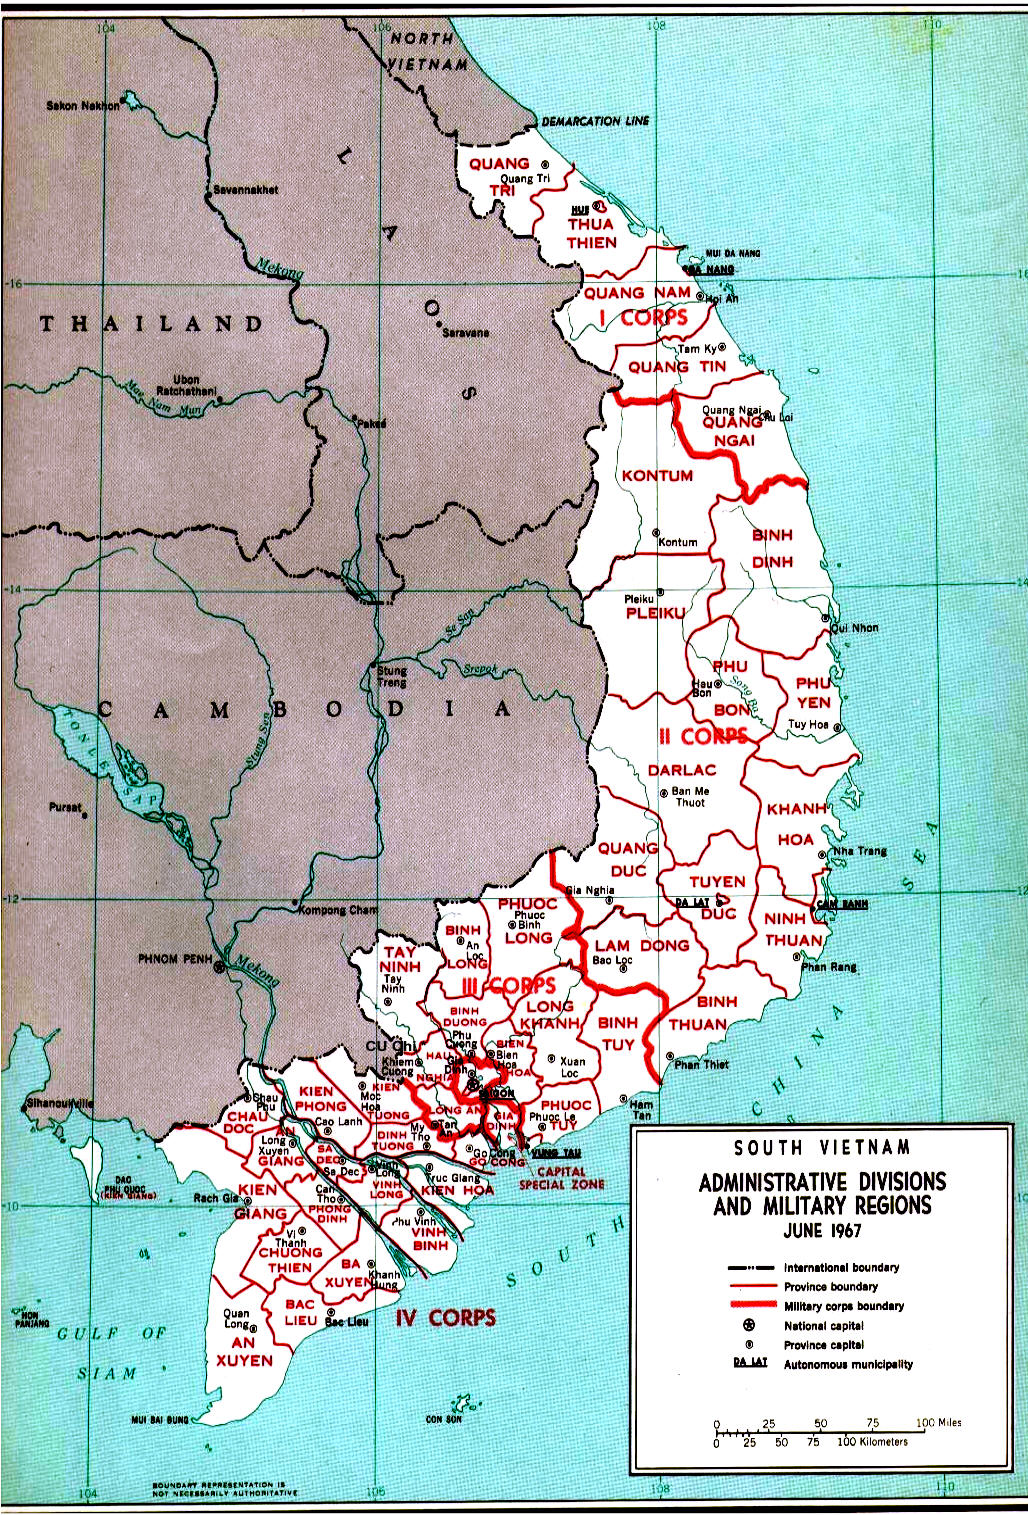 Show Map Of South Vietnam – weggelopen.info